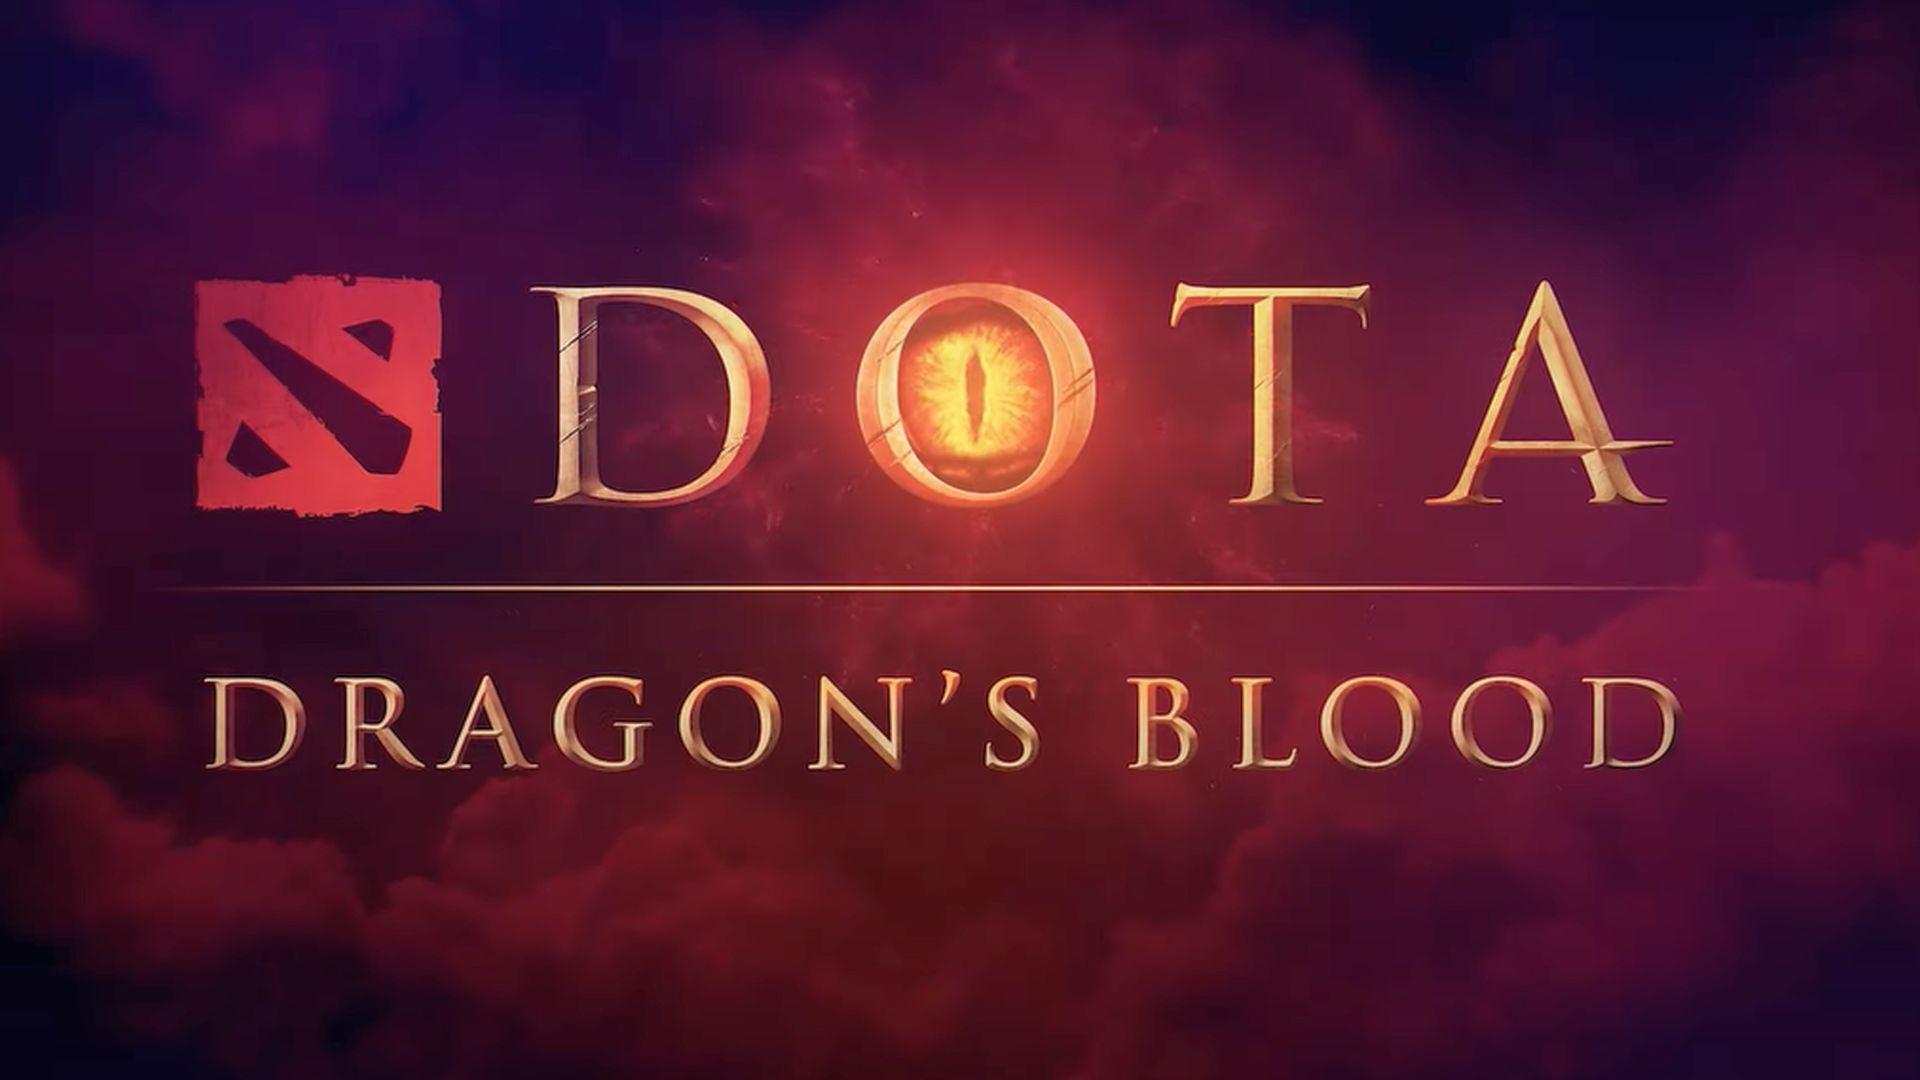 Dota 2 gets an anime Netflix series next month